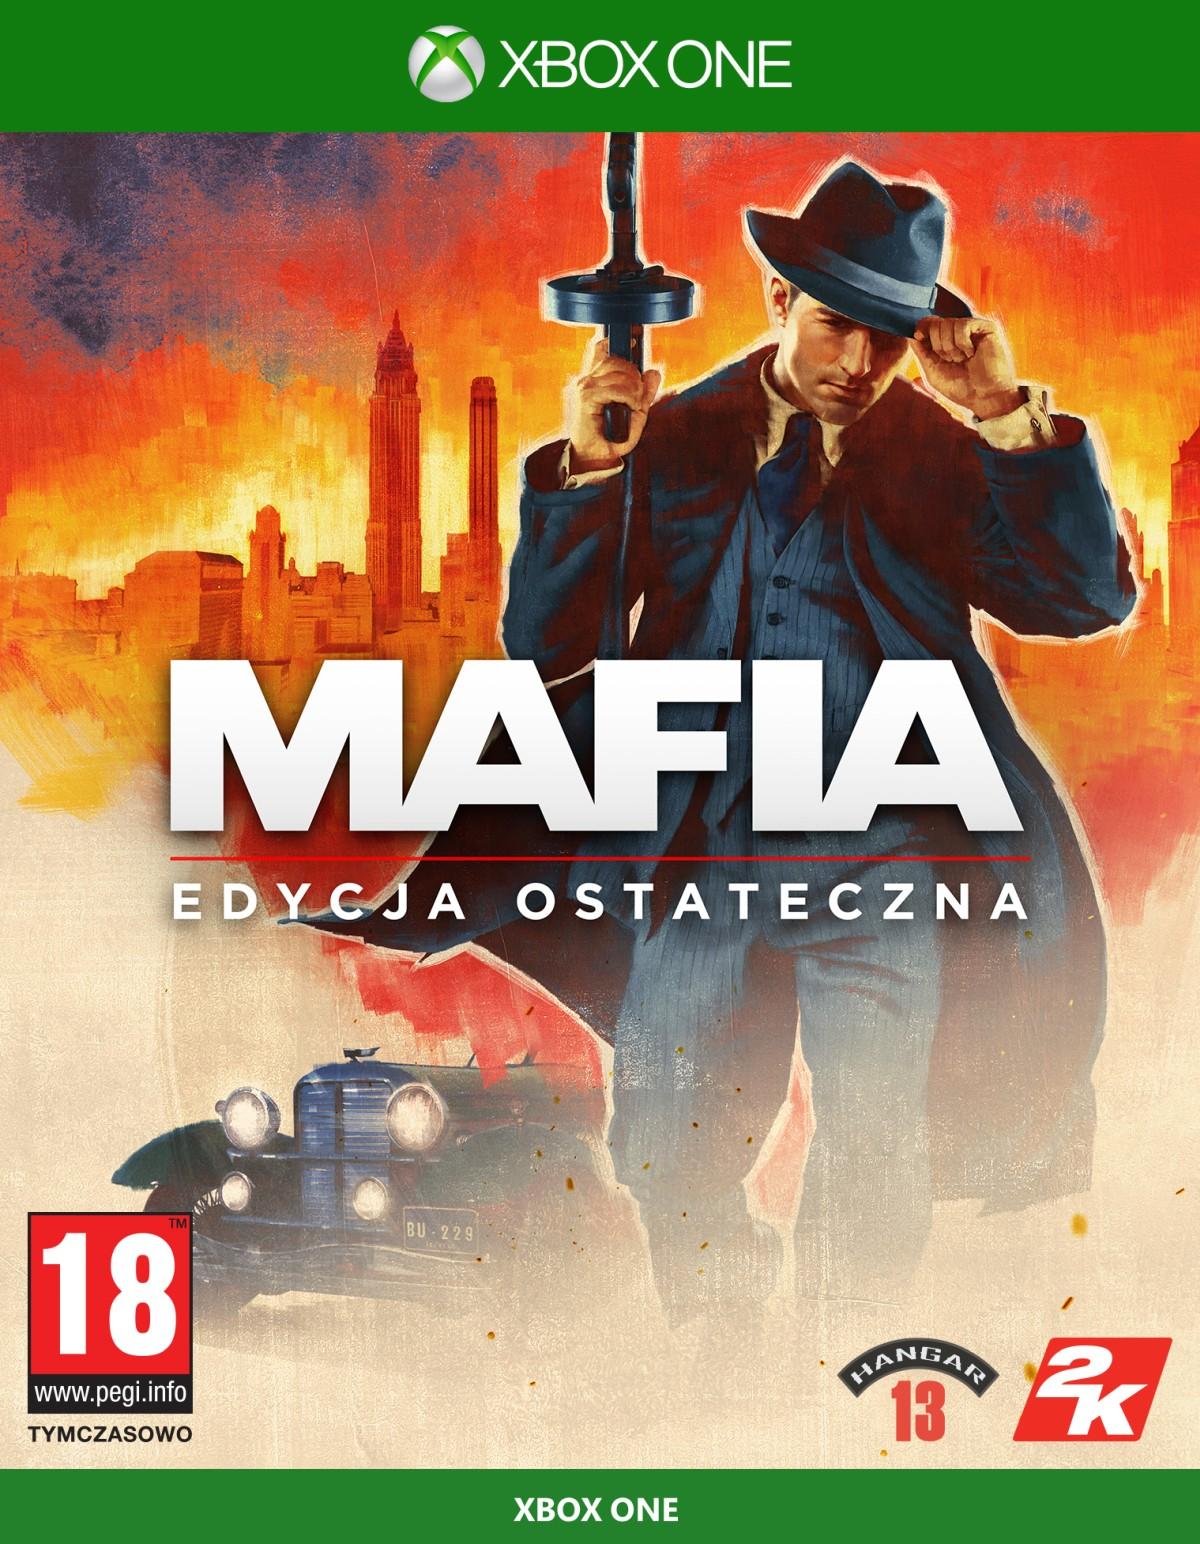 Mafia Edycja Ostateczna (XOne) + BONUS + Koszulka